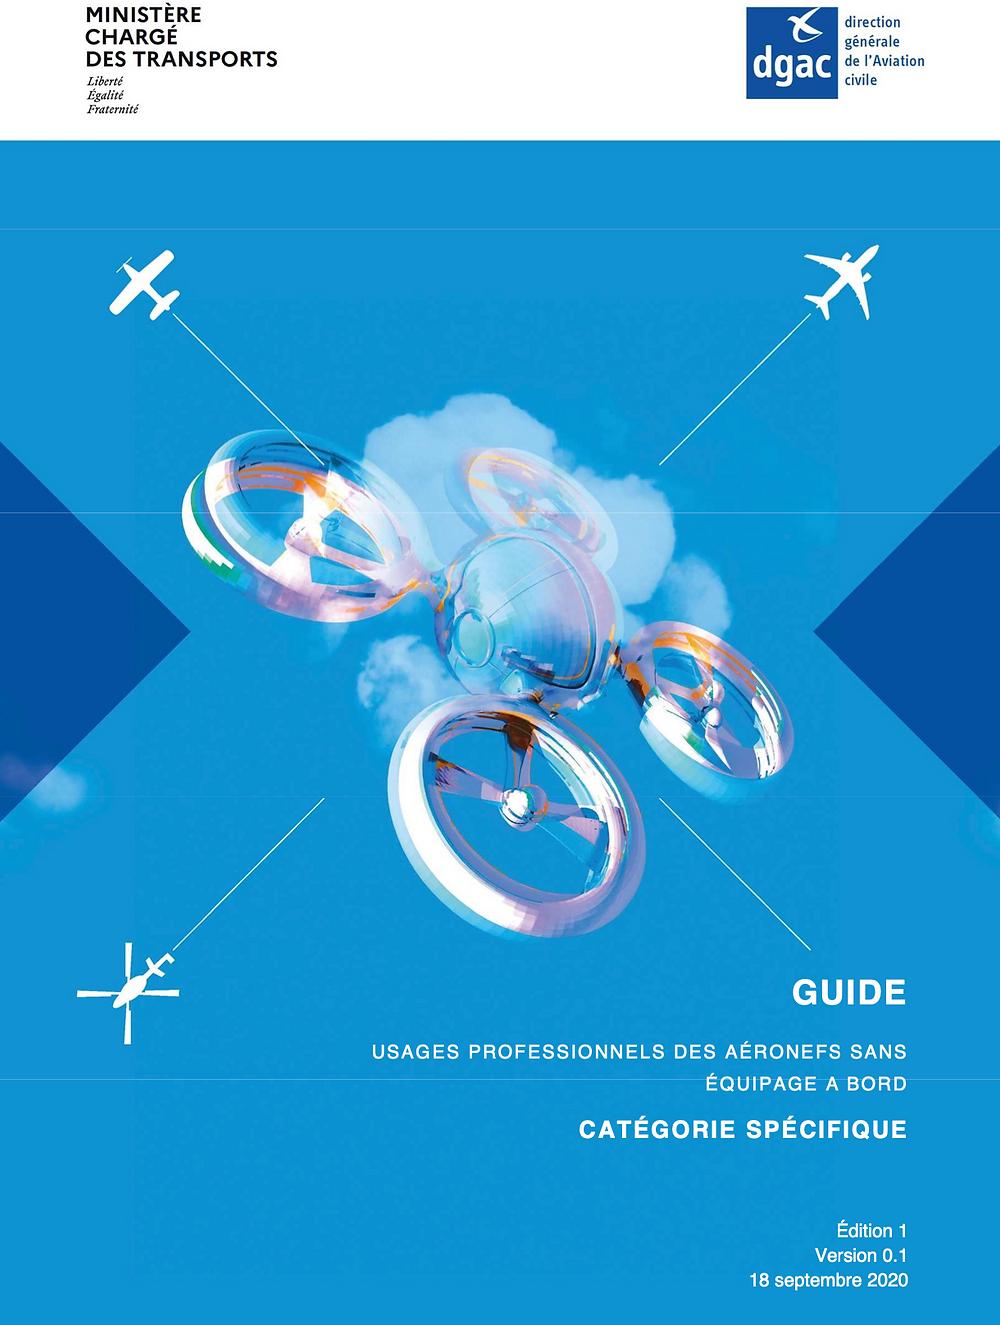 Guide des usages professionnels des aéronefs sans équipage à bord - Catégorie spécifique - Réglementation drone France